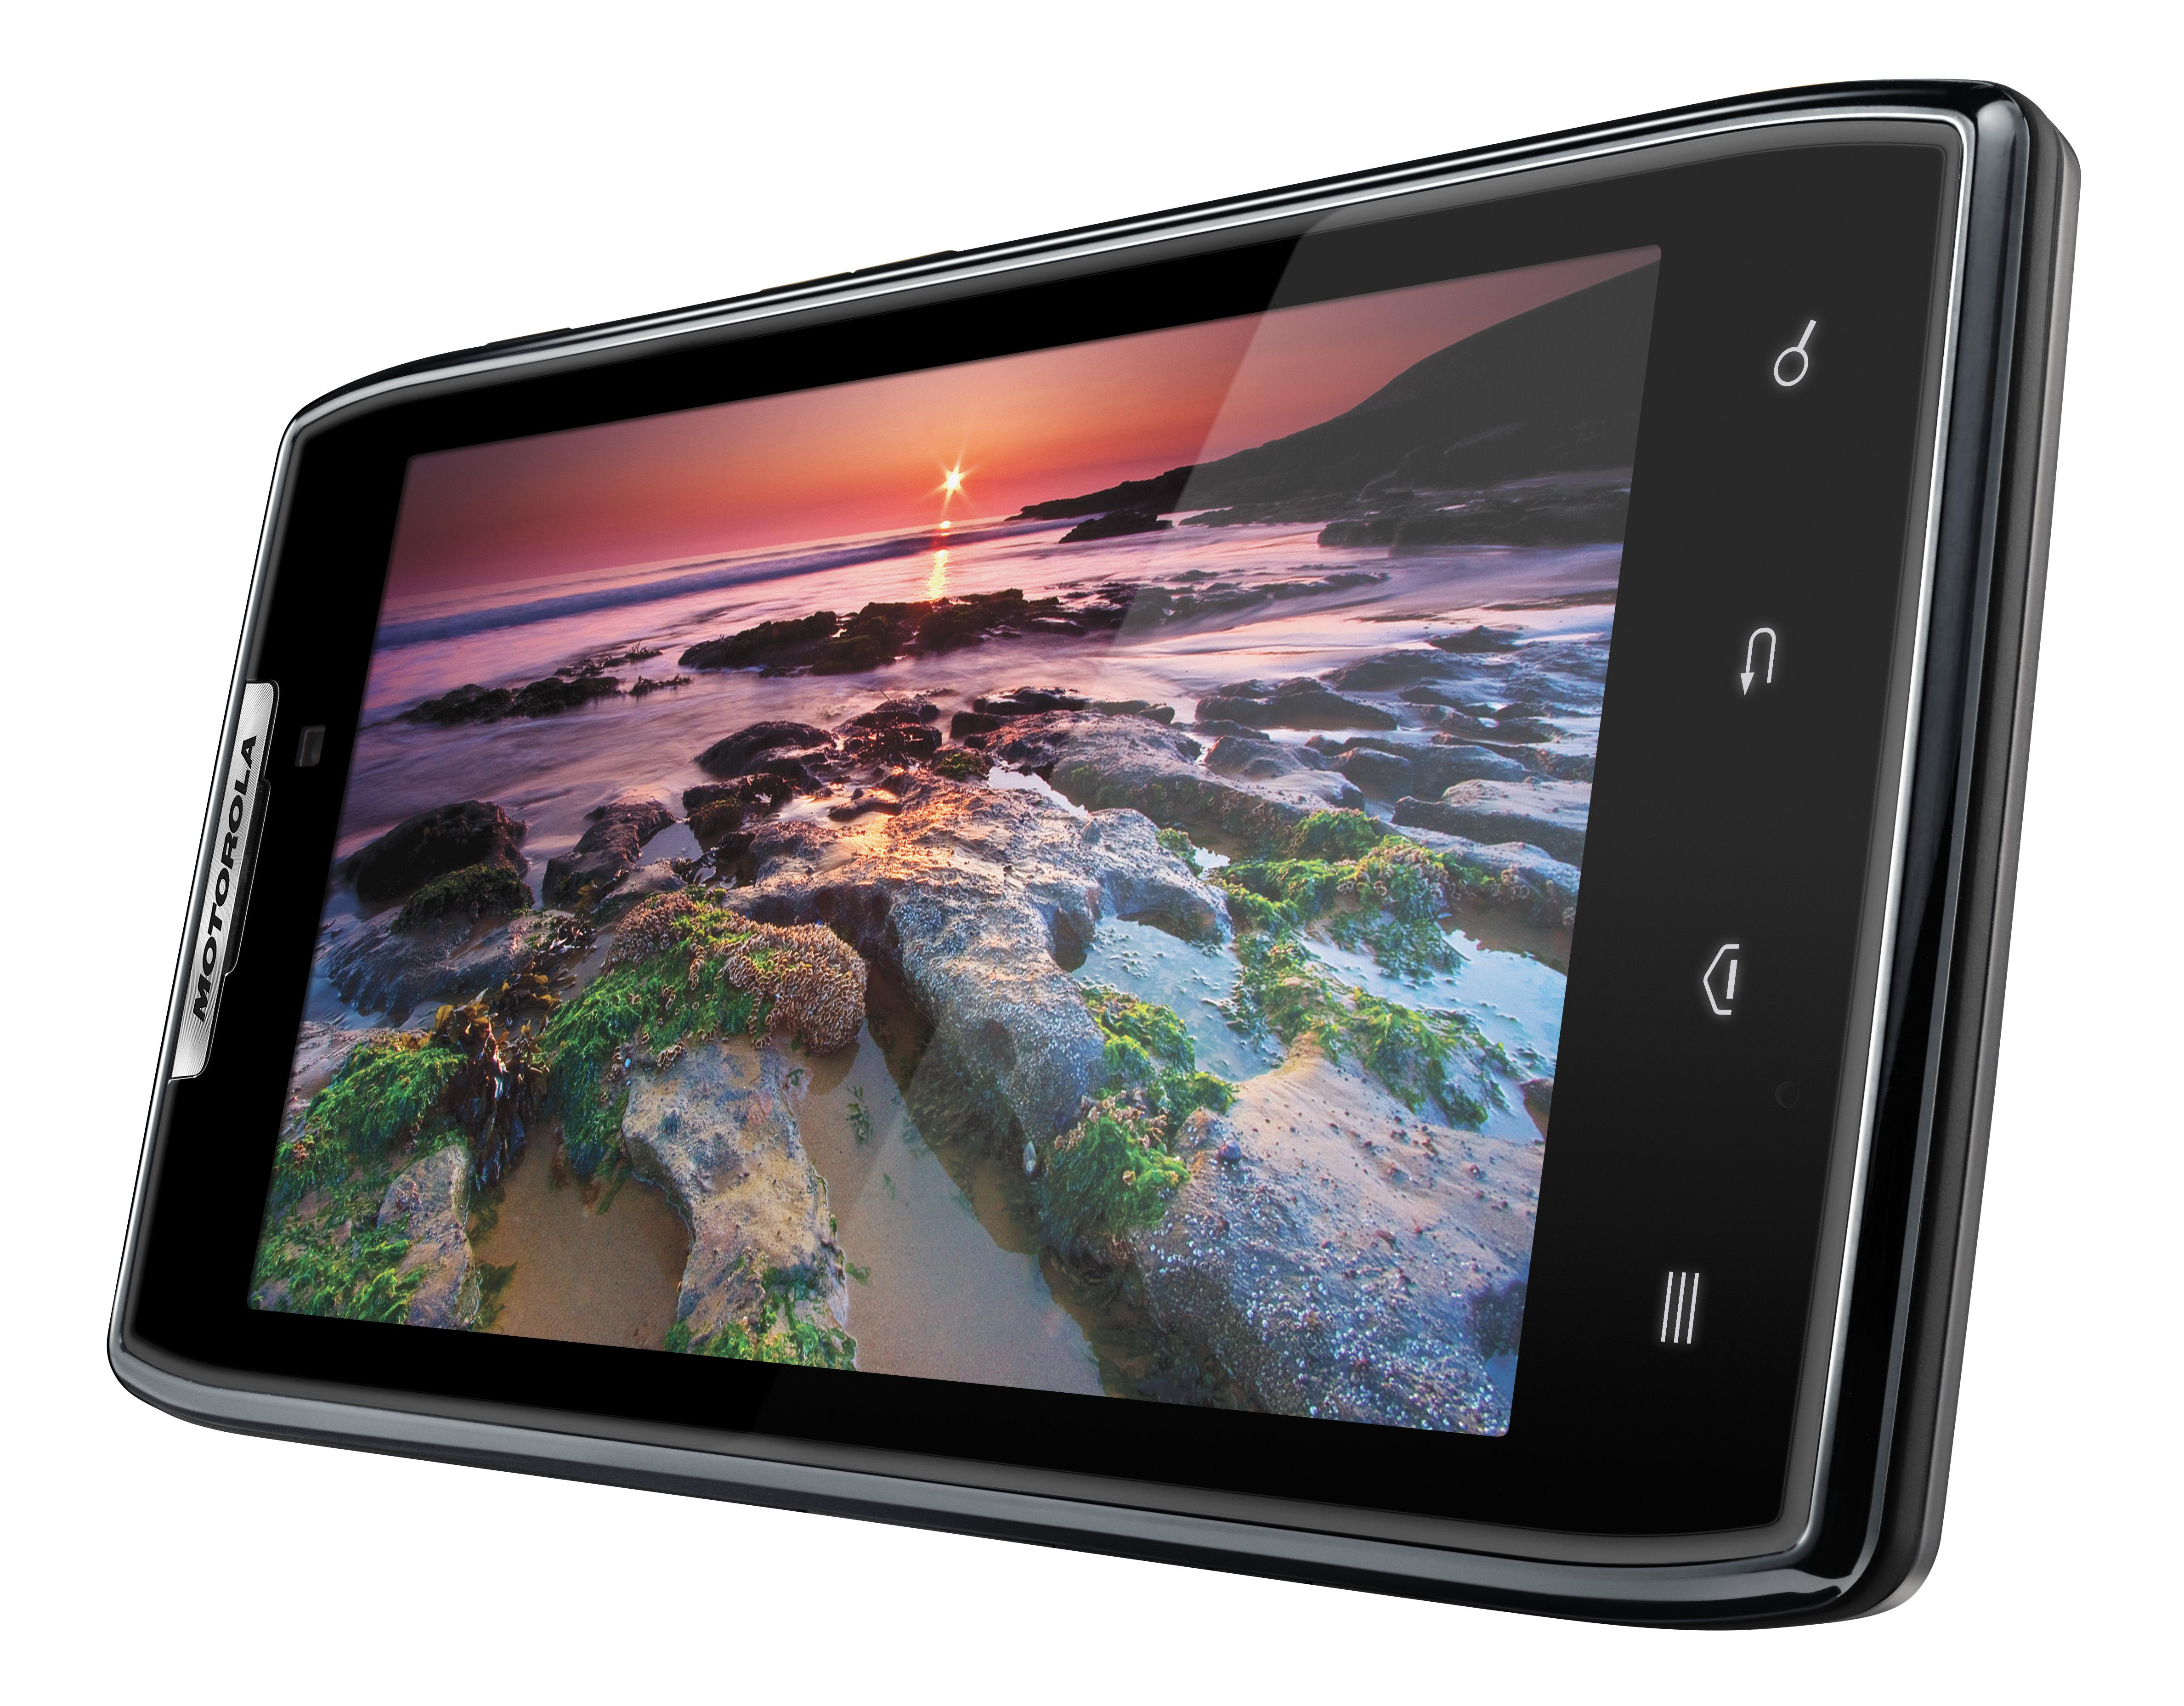 Motorola RAZR to get Android 4.0, plus more pics